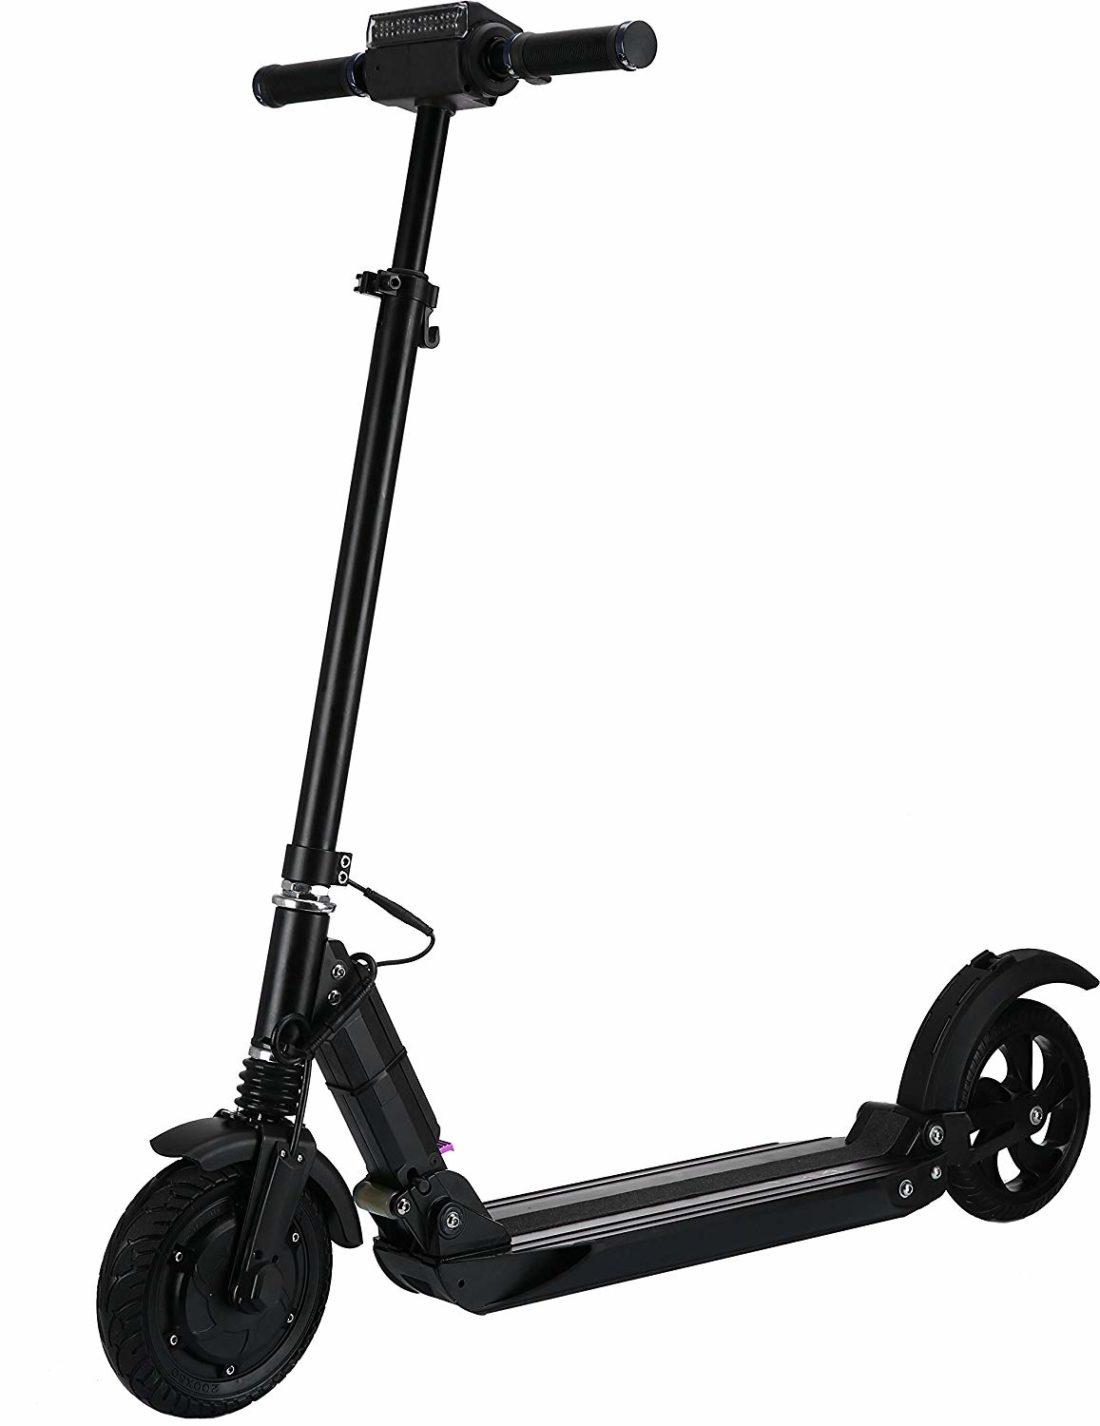 trottinette électrique UrbanGlide Ride 80 XL